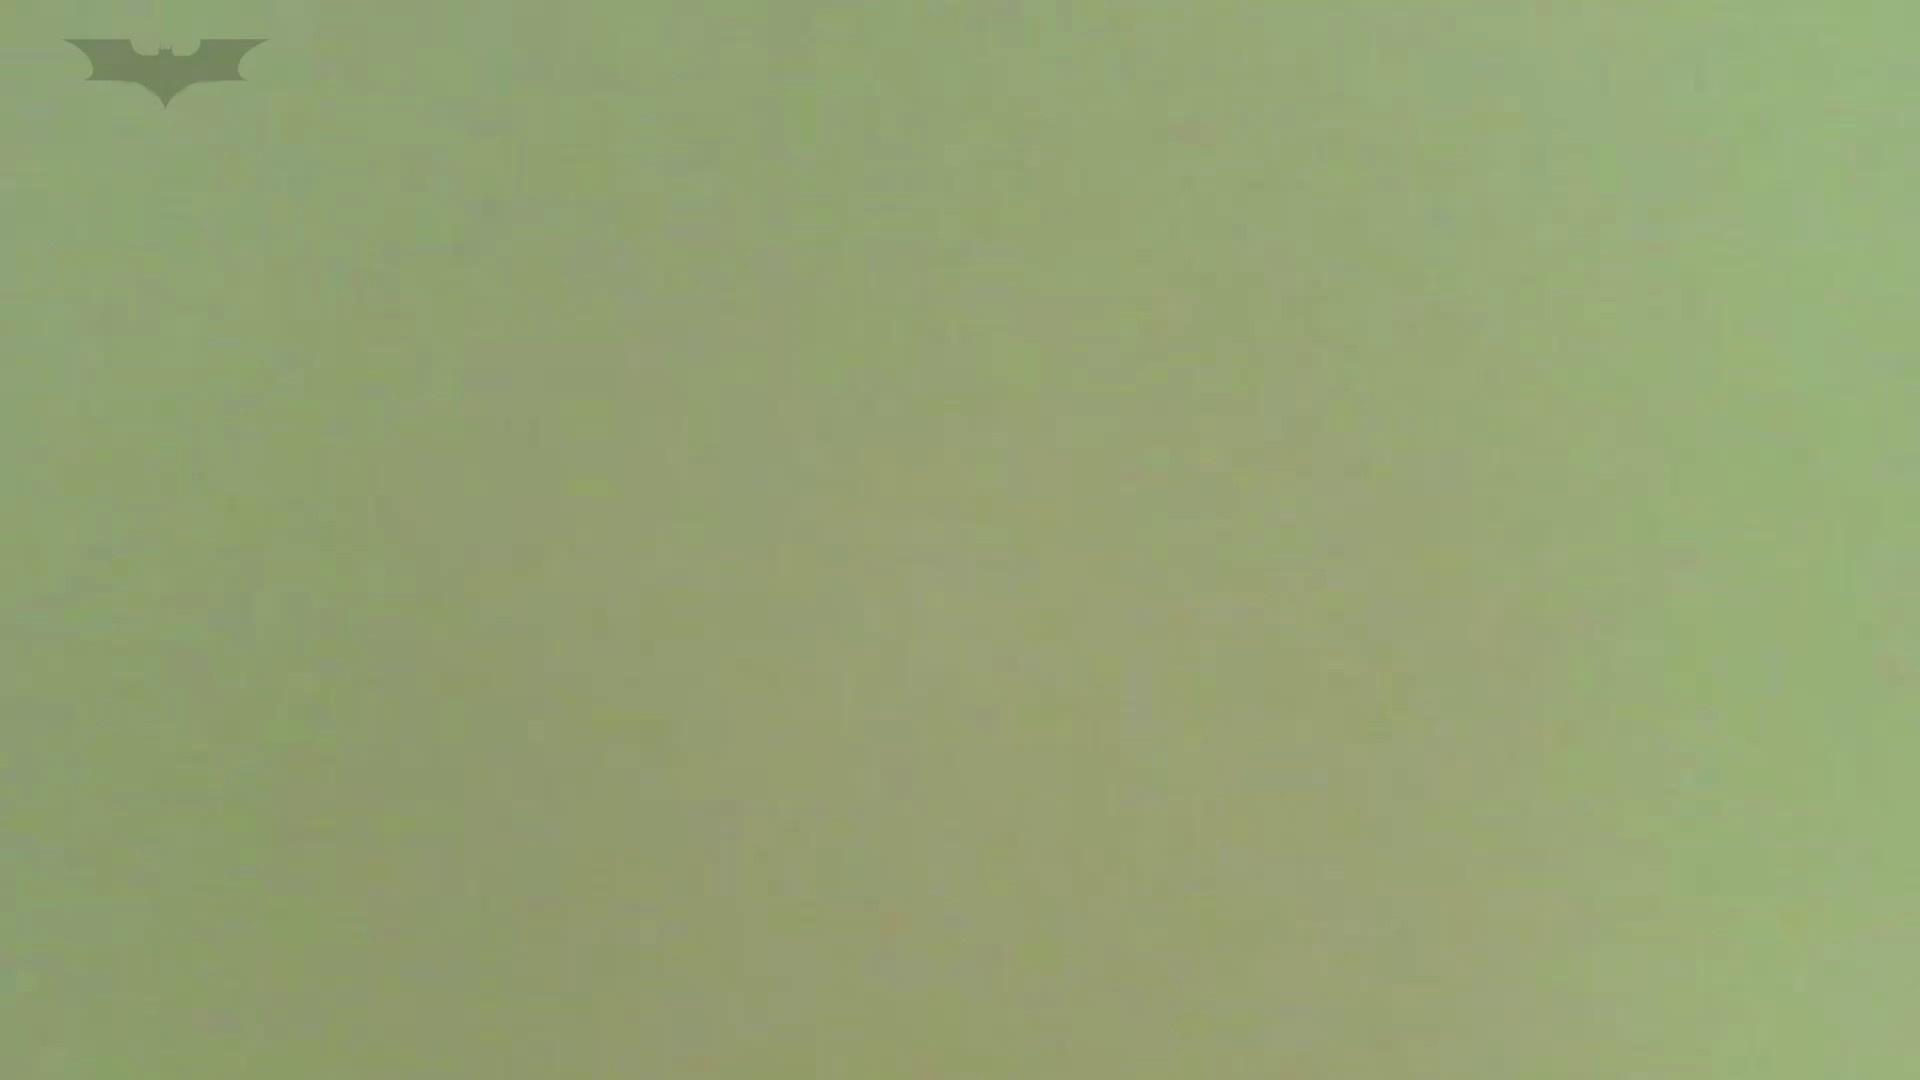 夏の思い出浜辺トイレ盗撮Vol.18 潜入エロ調査 | 盗撮エロすぎ  65連発 43